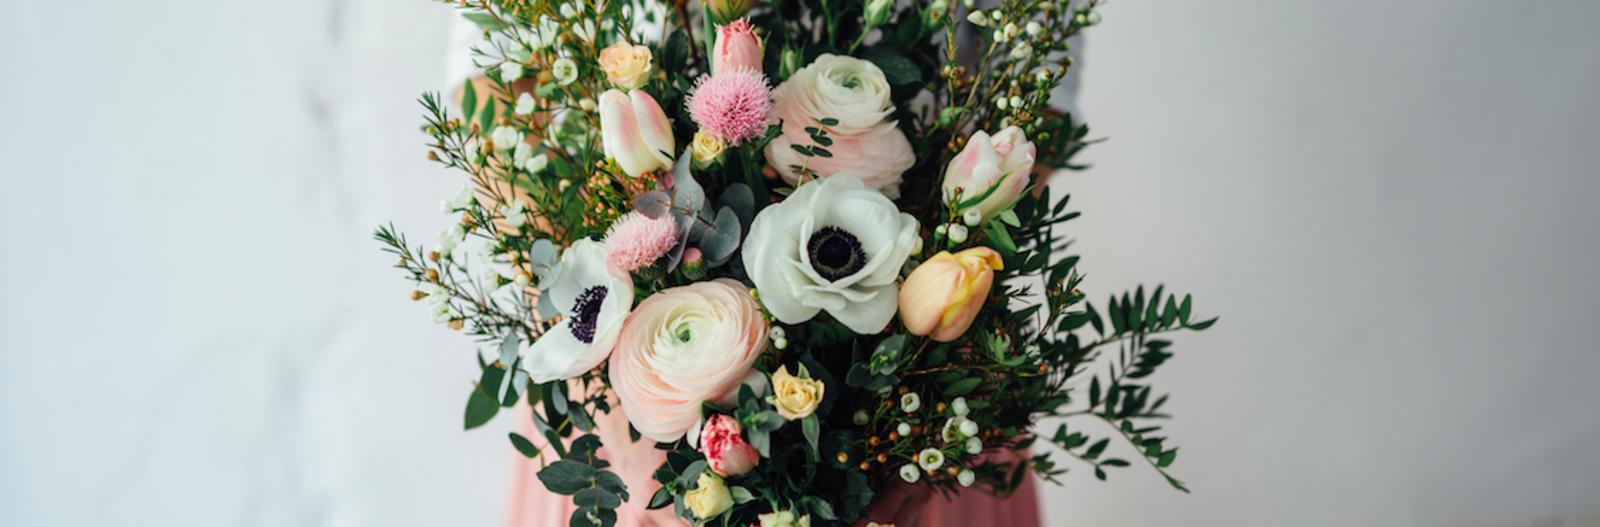 6 budapesti virágbolt tavaszra